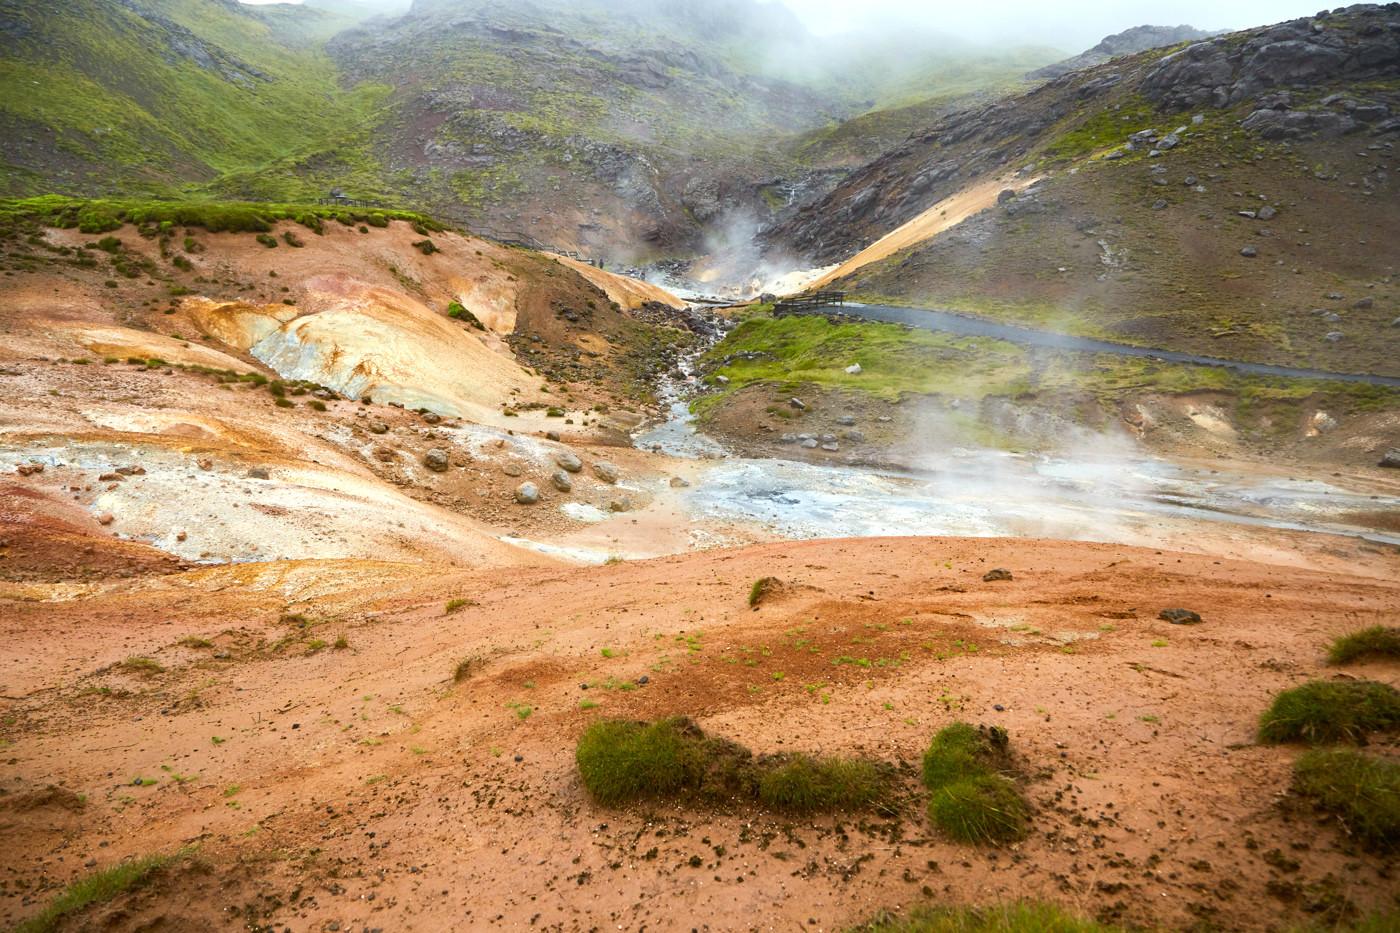 Krysuvik, Geothermalgebiet, geothermal area, Island, Iceland, rainy day, Regentag, Roadtrip, Rundreise, Reiseblogger, Travelblogger, Miles and Shores, vulkanisch, Vulkangestein, dampf, dampfend,